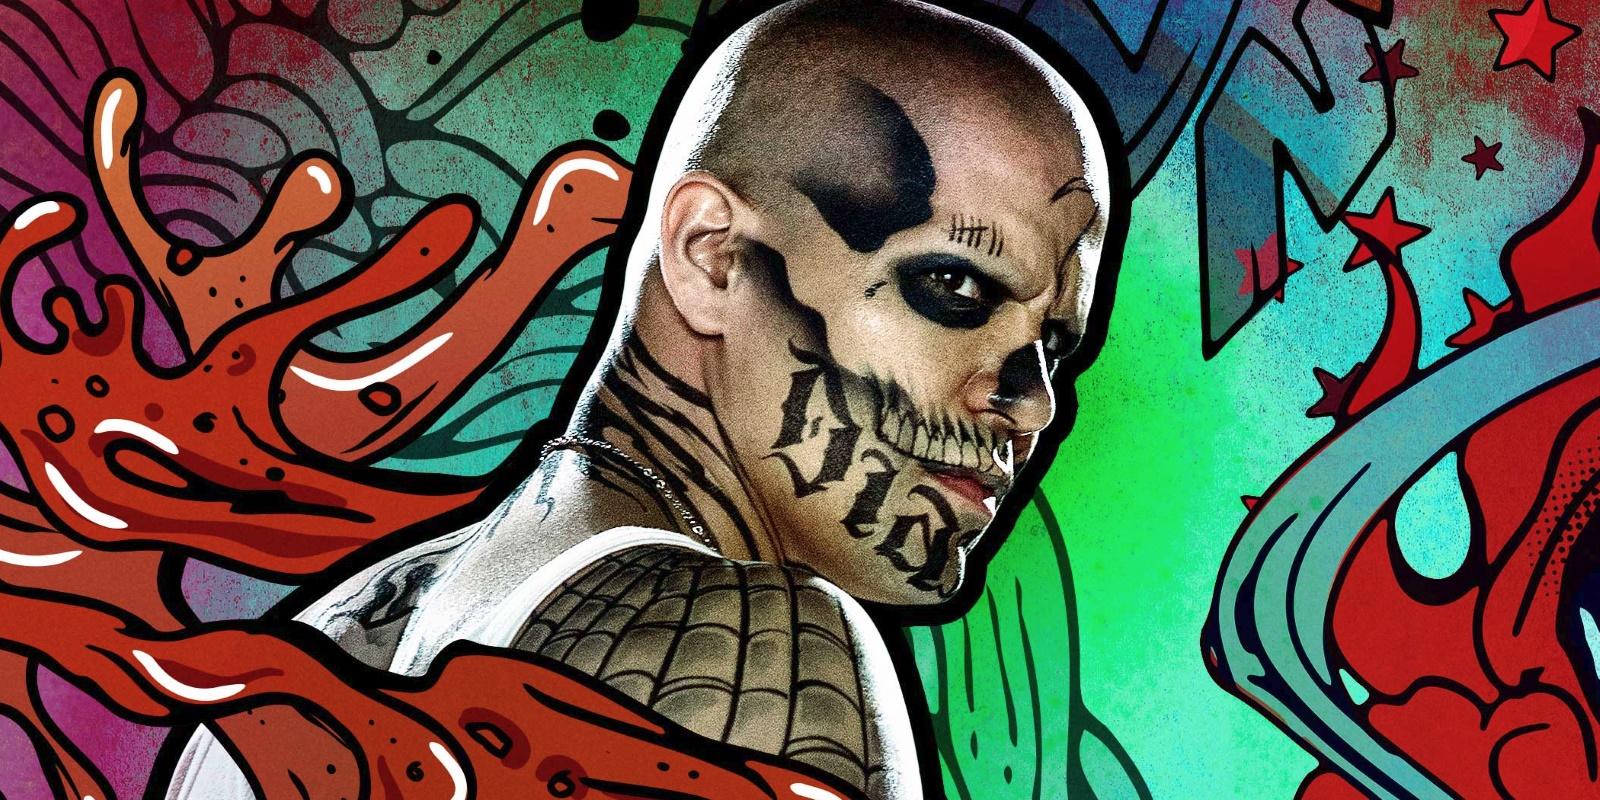 Suicide Squad: El Diablo's Powers & Backstory Explained